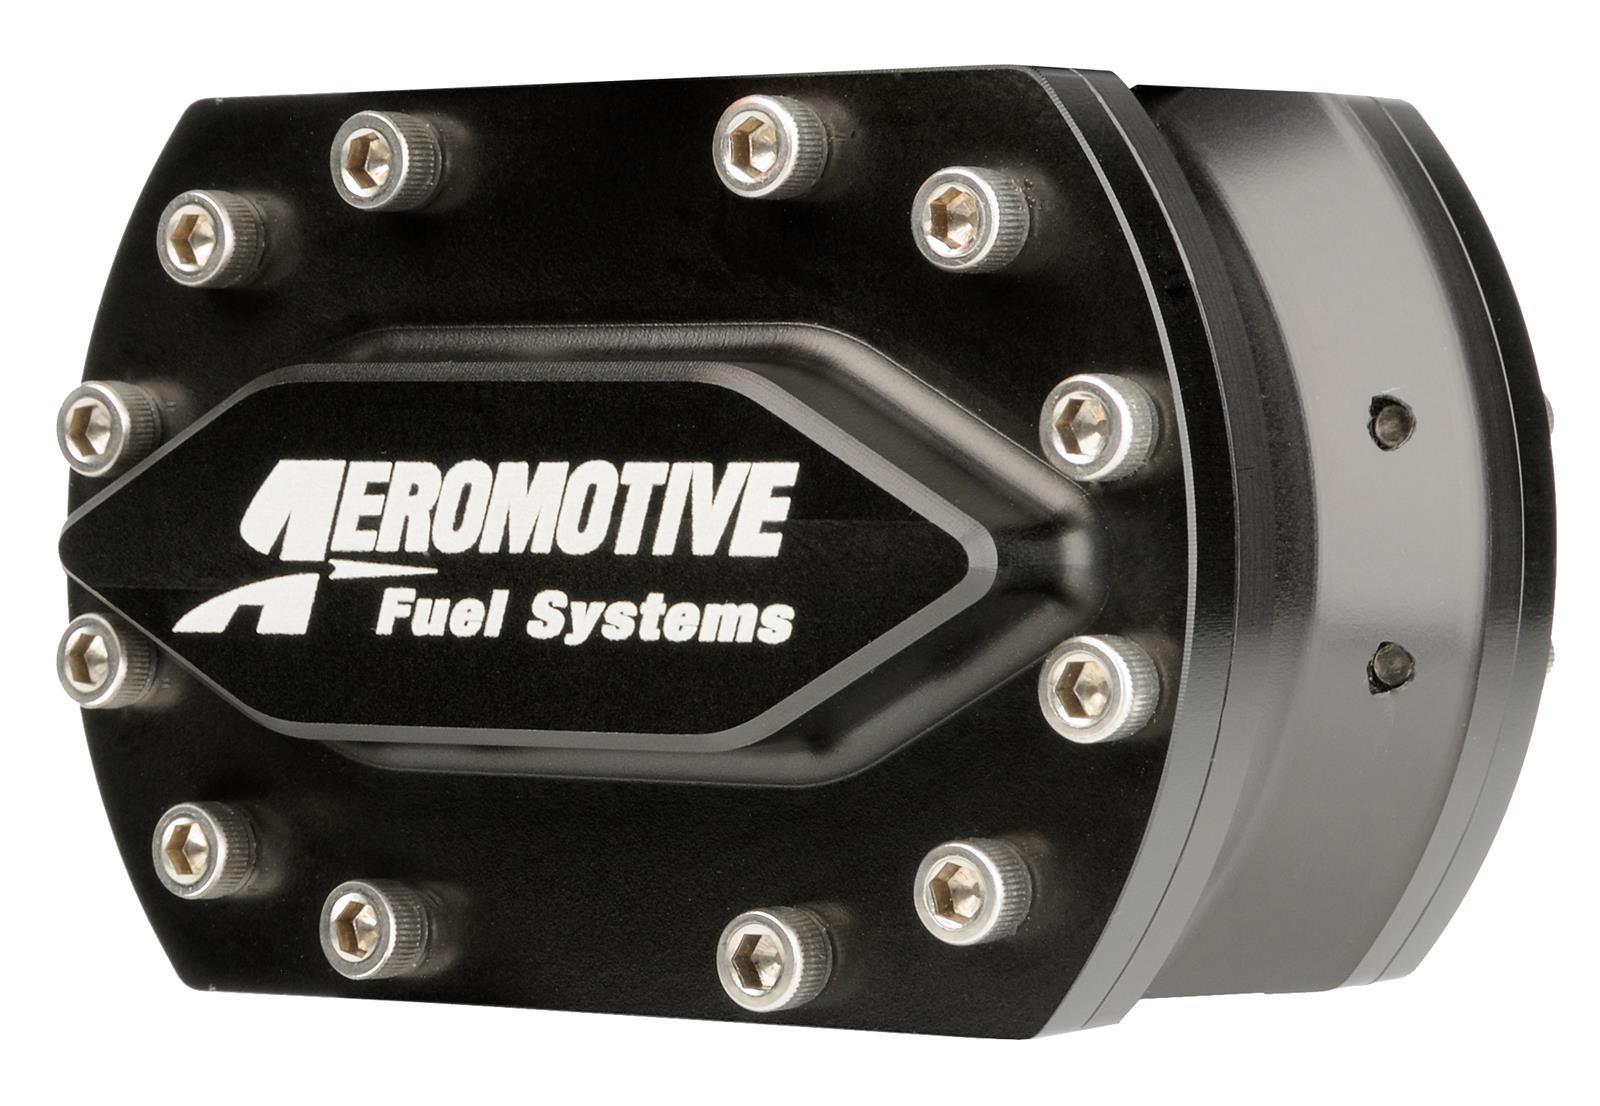 Aeromotive 11132 Fuel Pump, Hex Driven, 1290 gph, In-Line, 4-Bolt Flange Inlet / Outlet, Aluminum, Black Anodize, Each